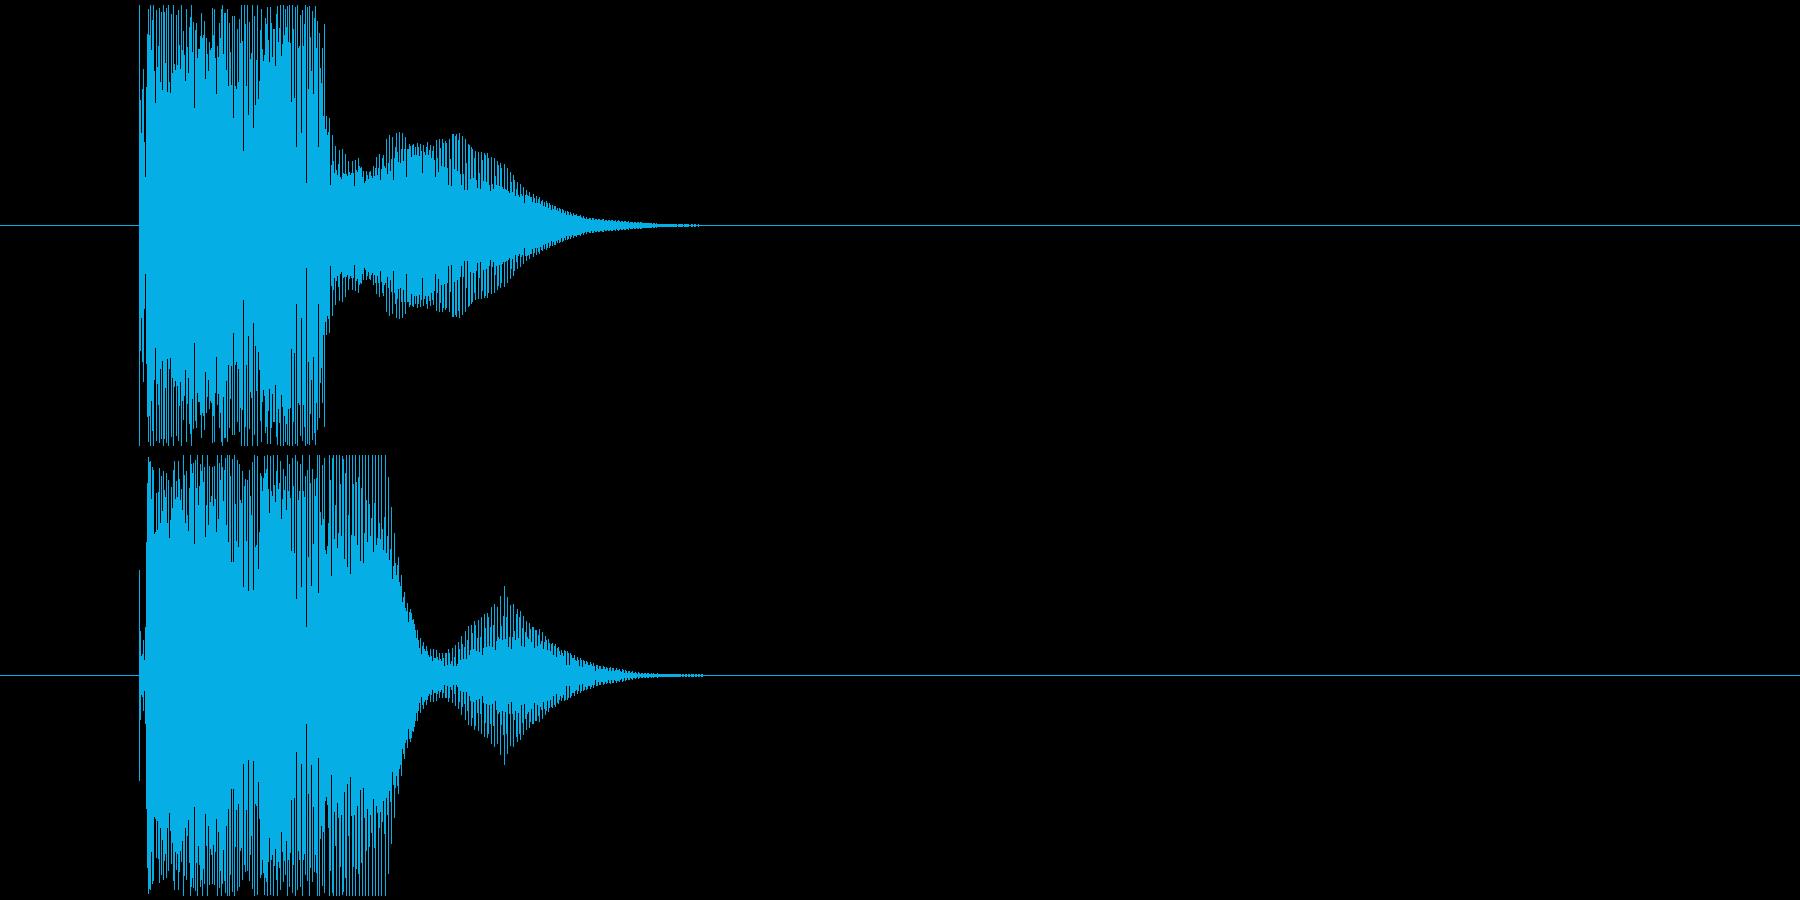 タイムカウント音の再生済みの波形